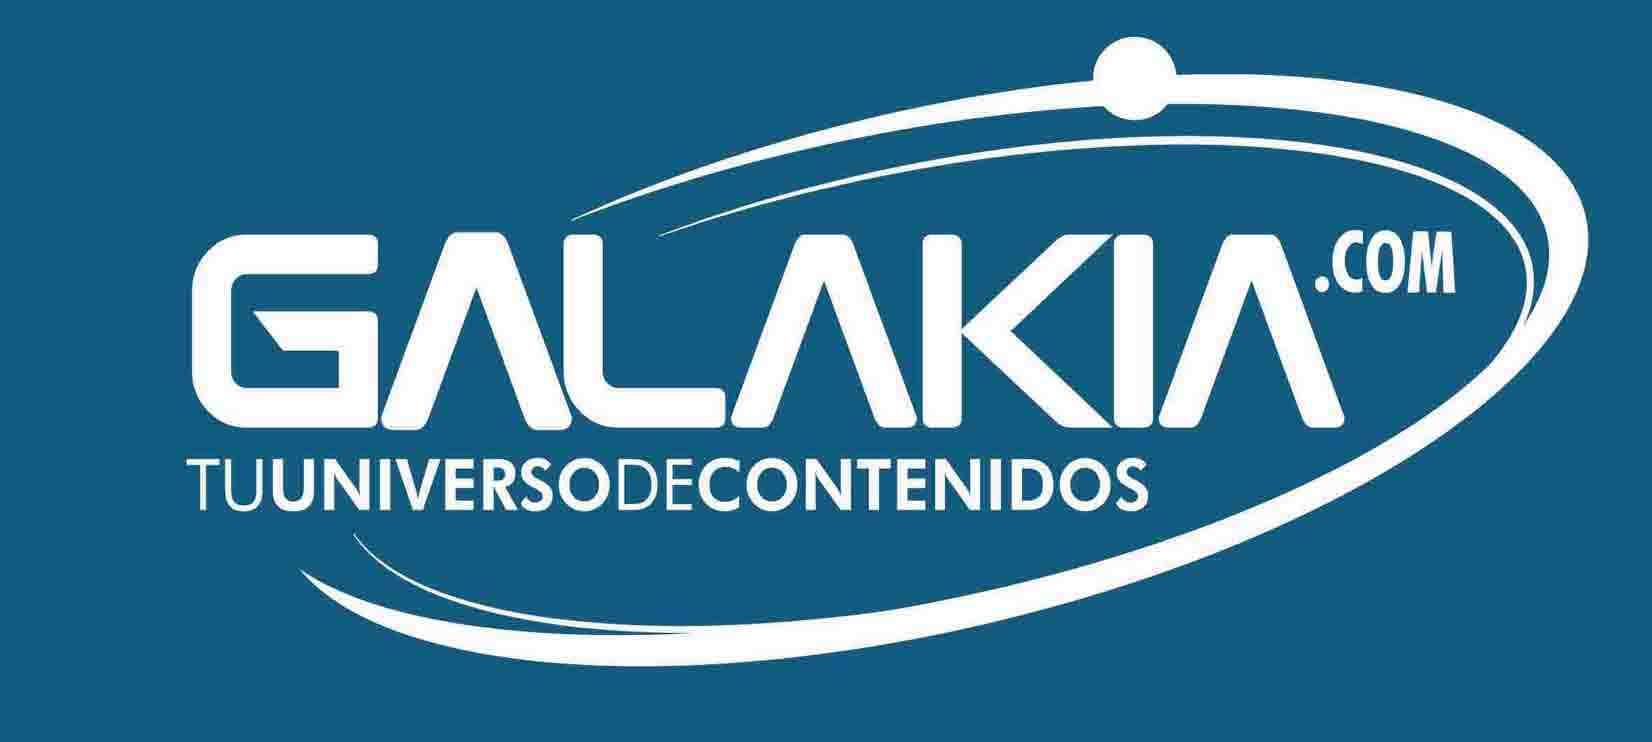 Galakia.com